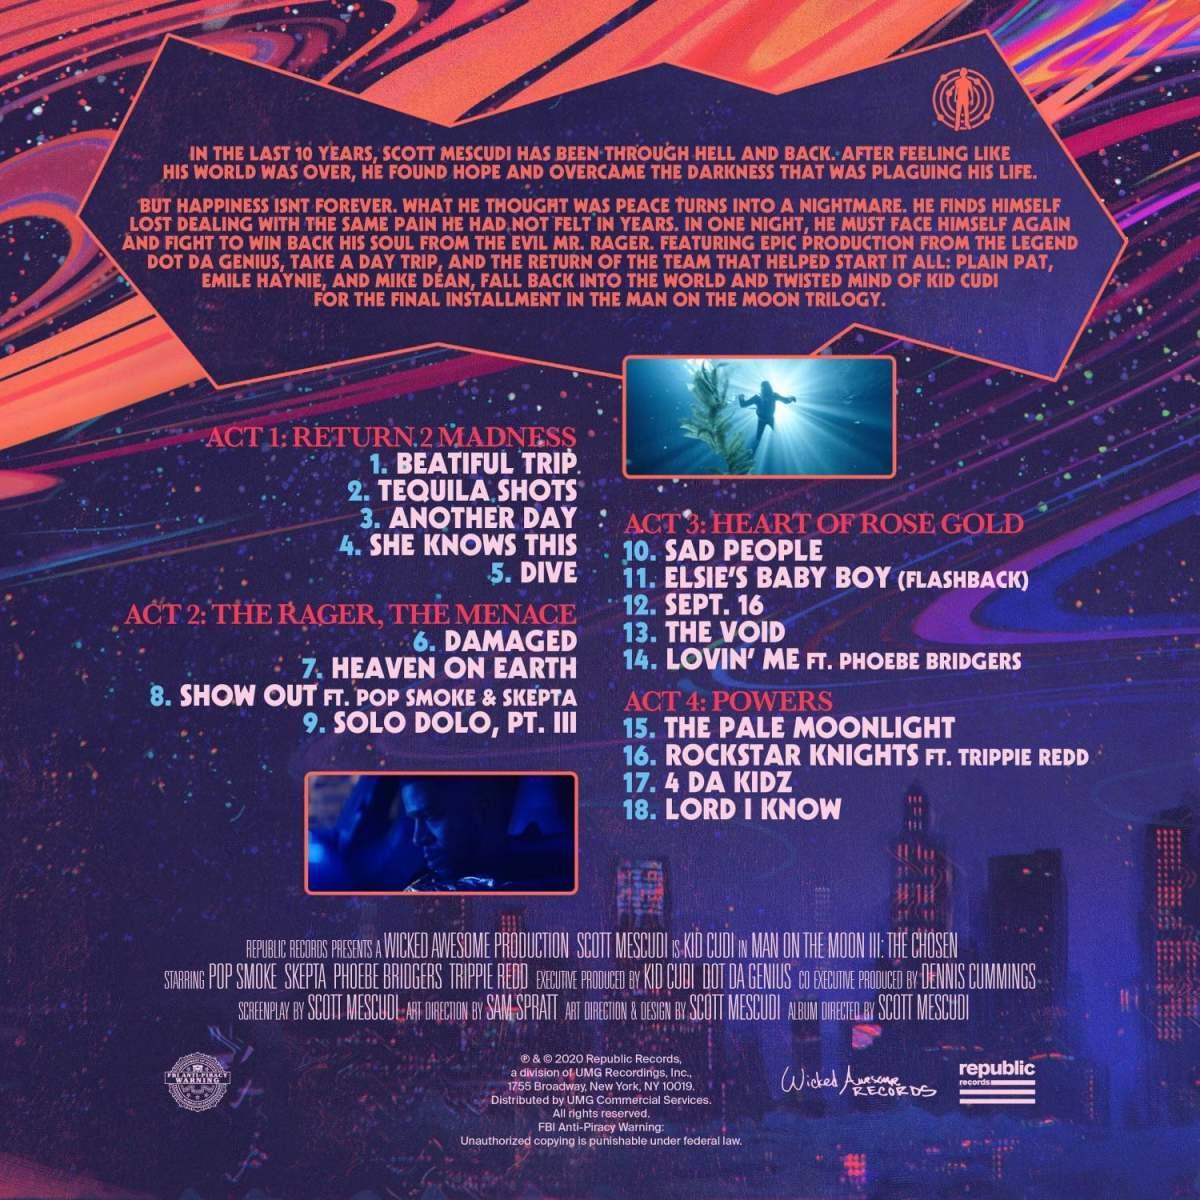 Kid Cudi Man on The Moon III: The Chosen Tracklist